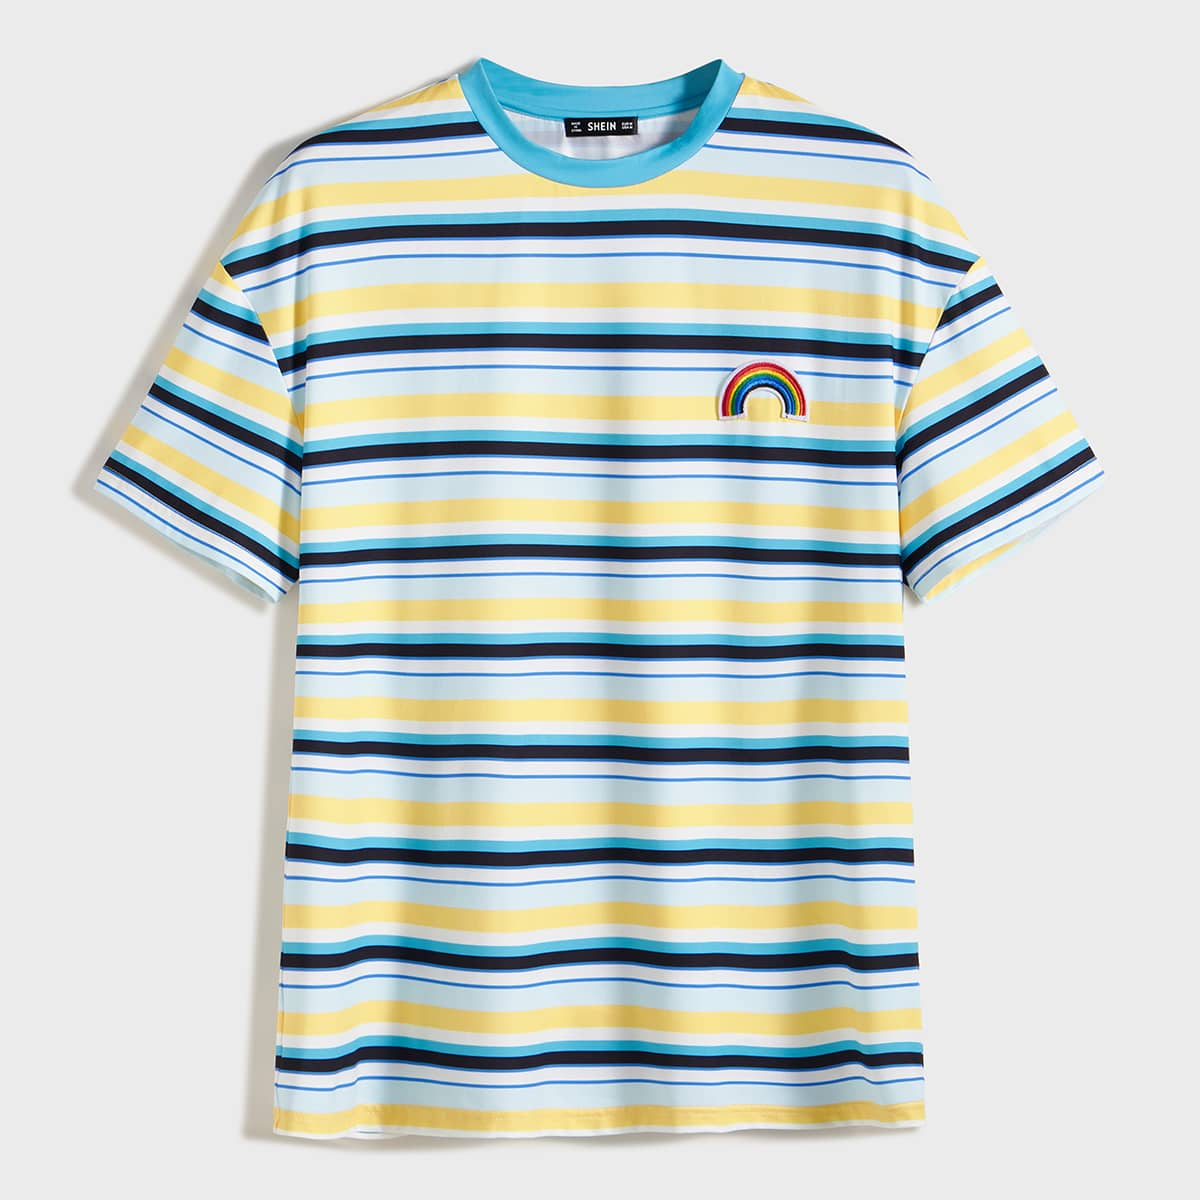 Мужская полосатая футболка с заплатой радуги фото